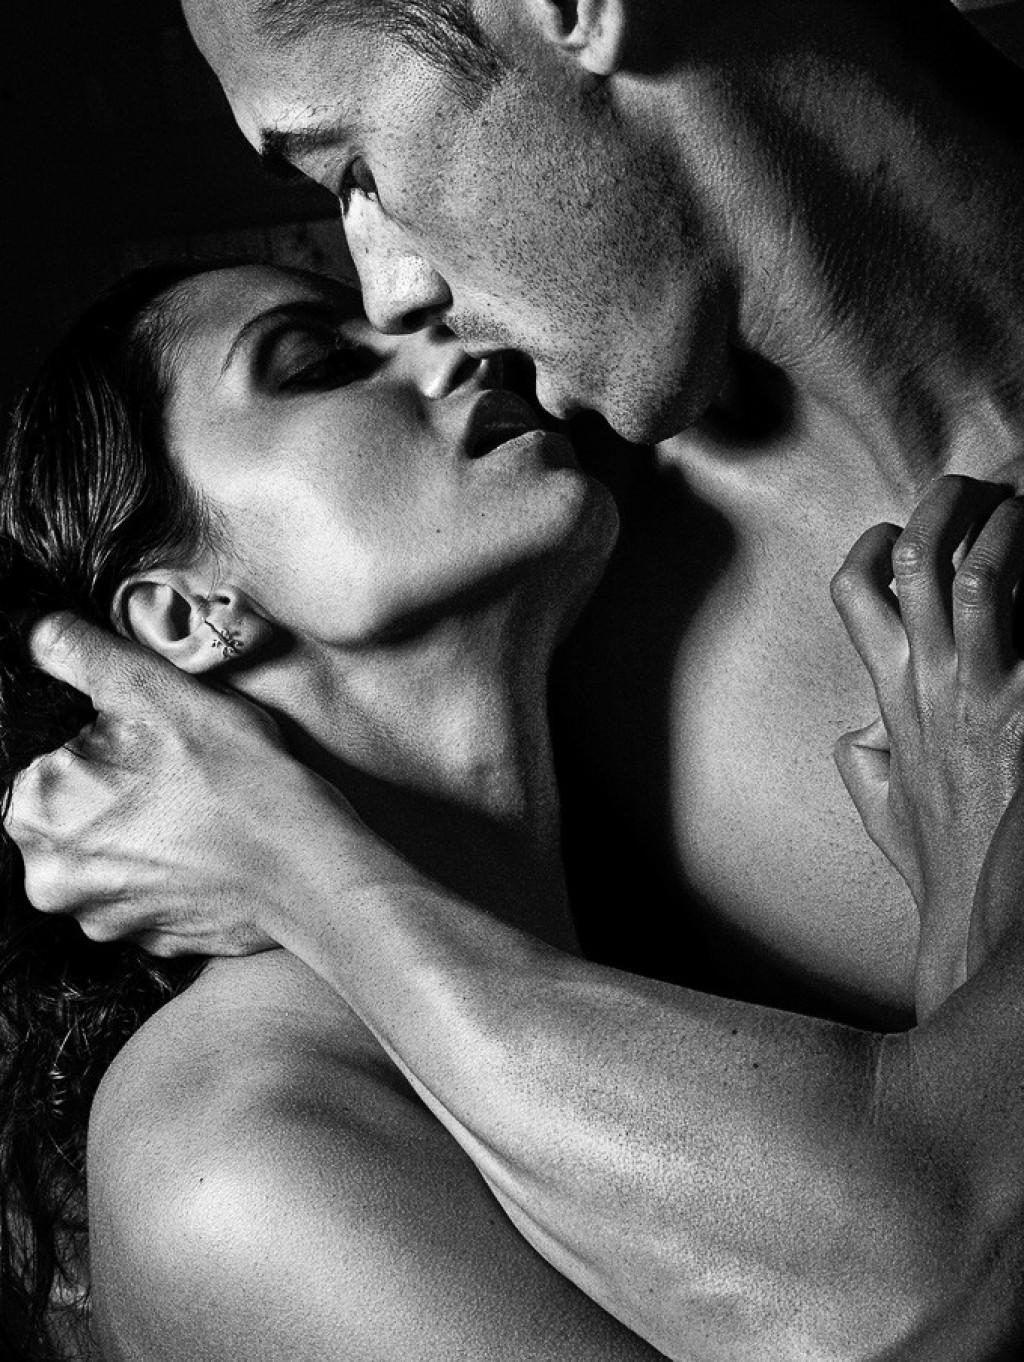 Любовь и страсть парня и девушки в картинках